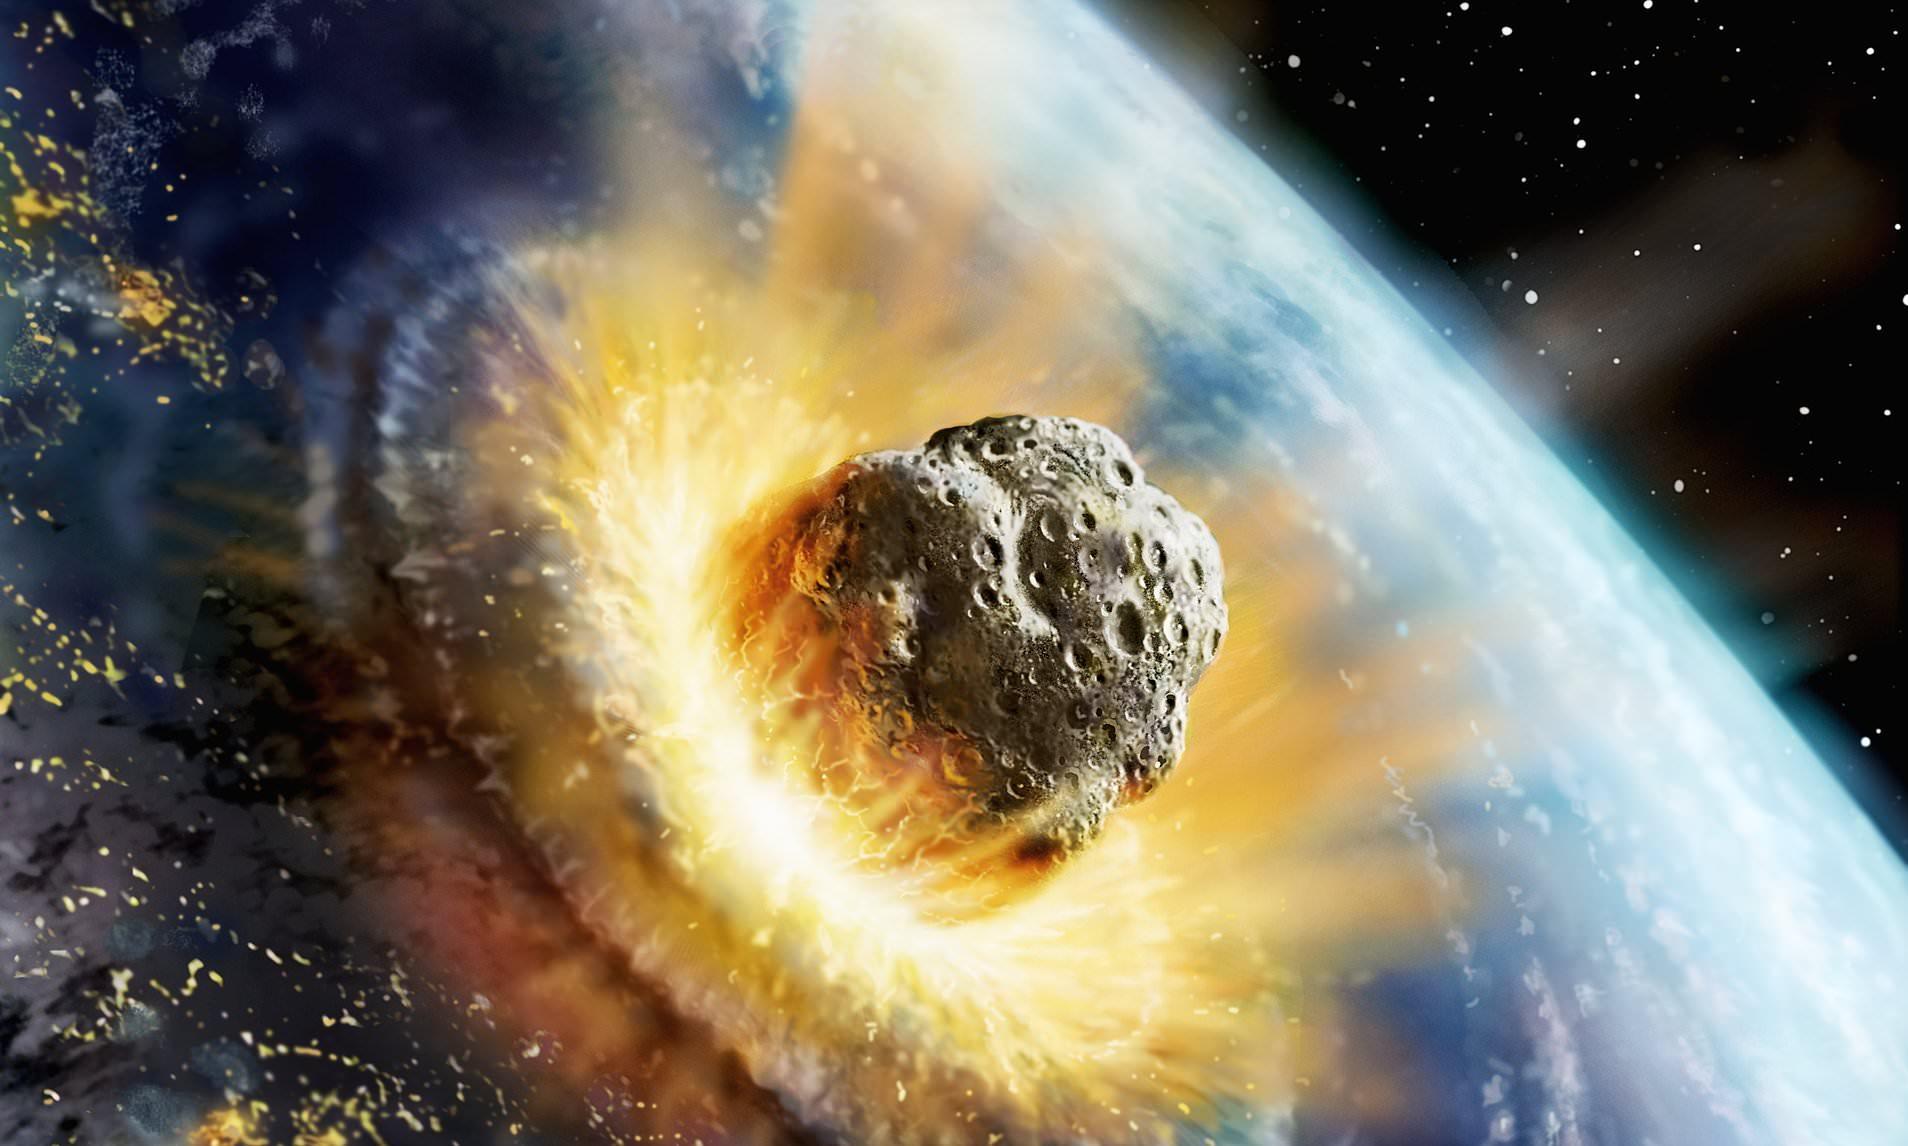 imagen de la tierra y meteorito extincion